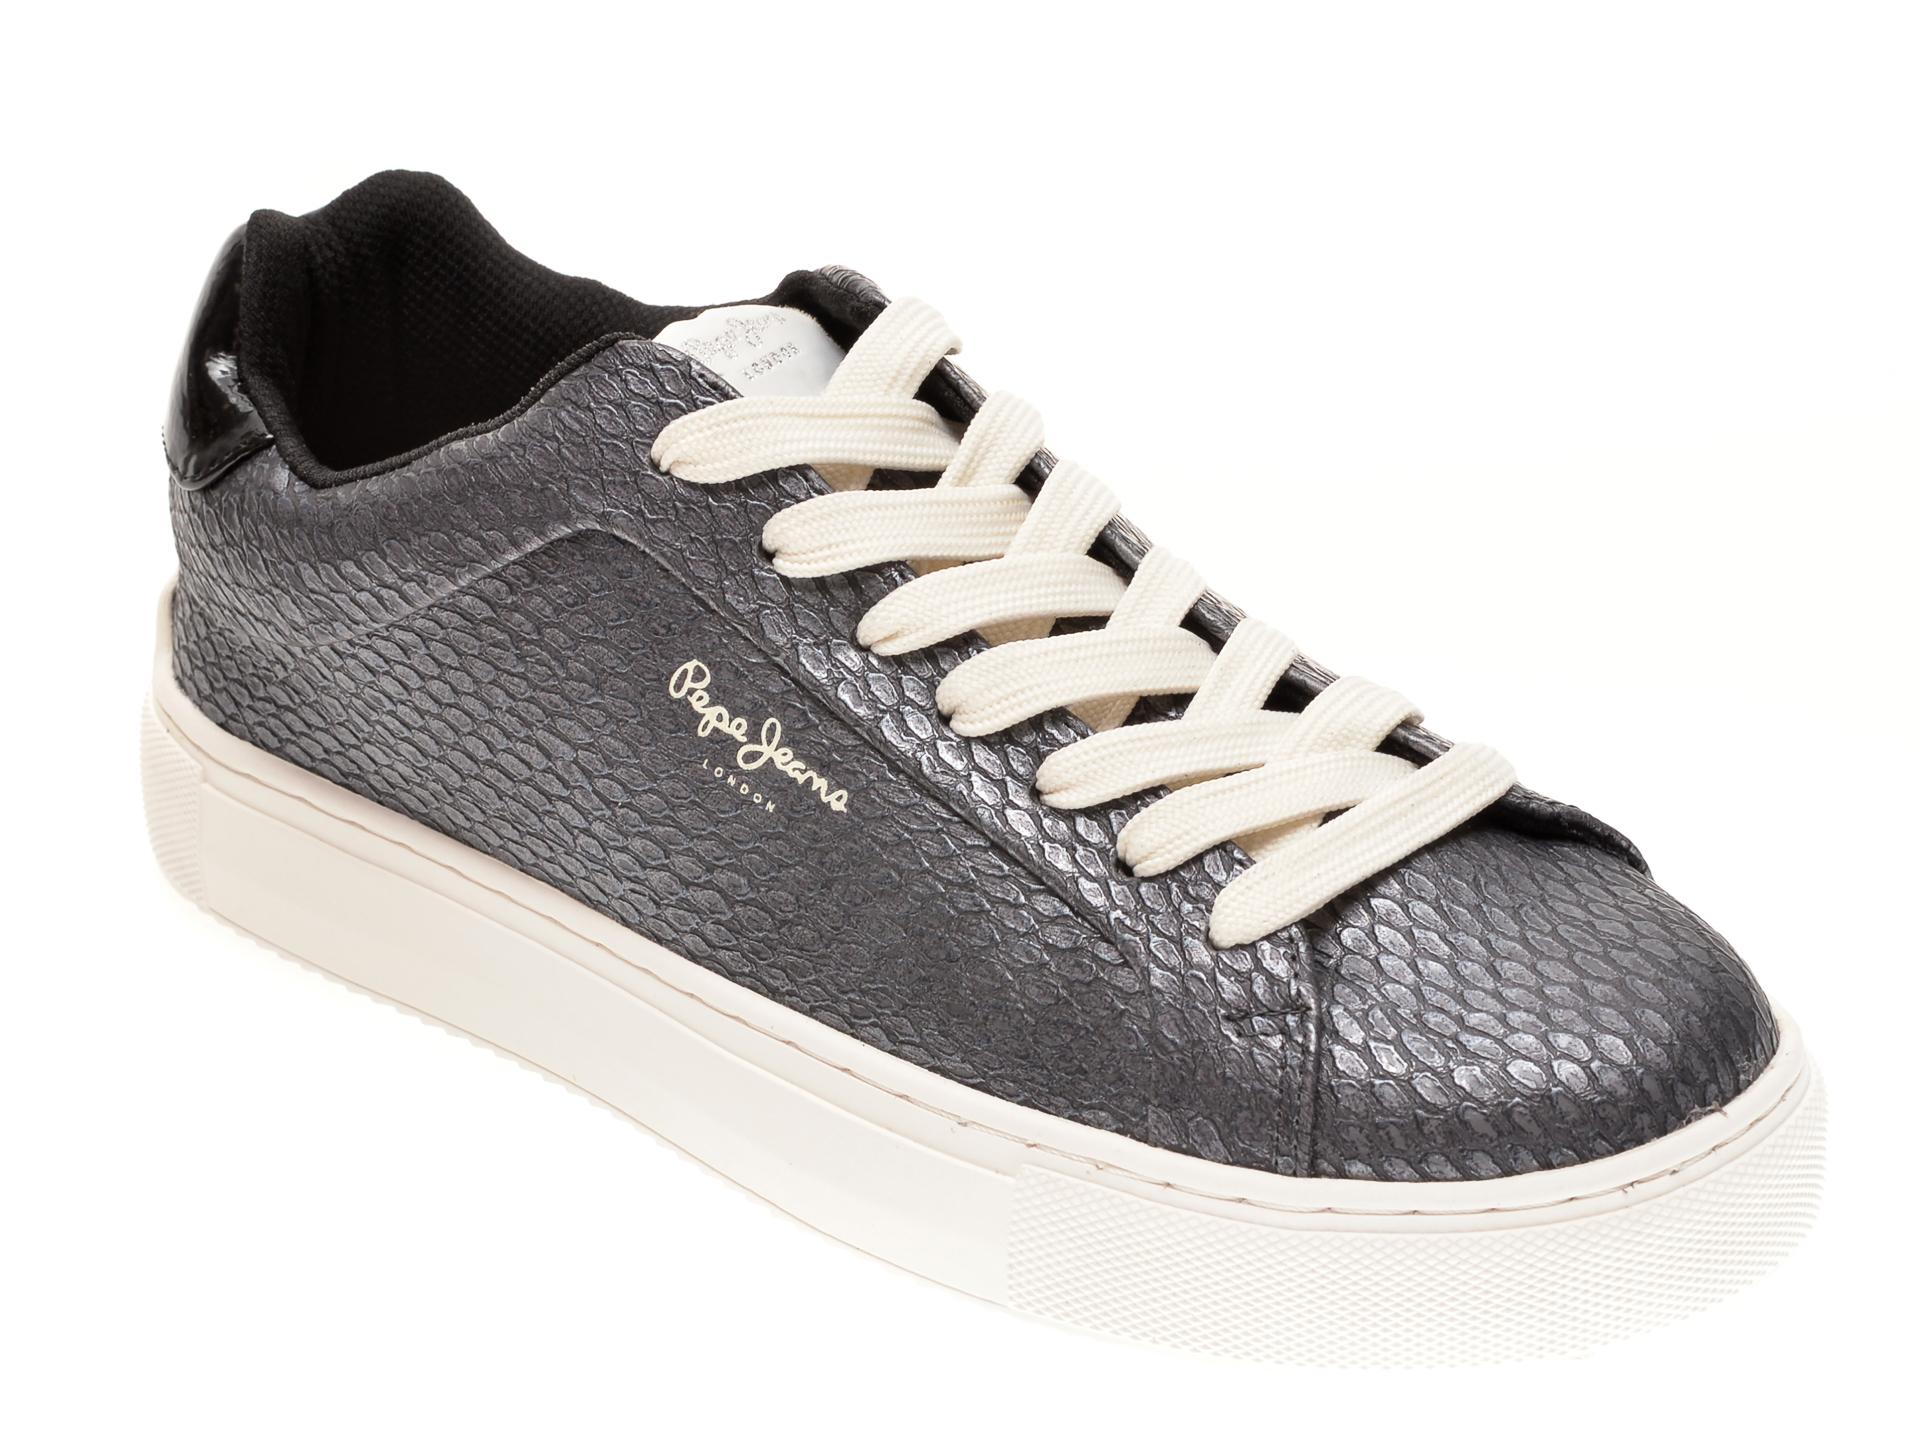 Pantofi sport PEPE JEANS argintii, LS31050, din piele ecologica